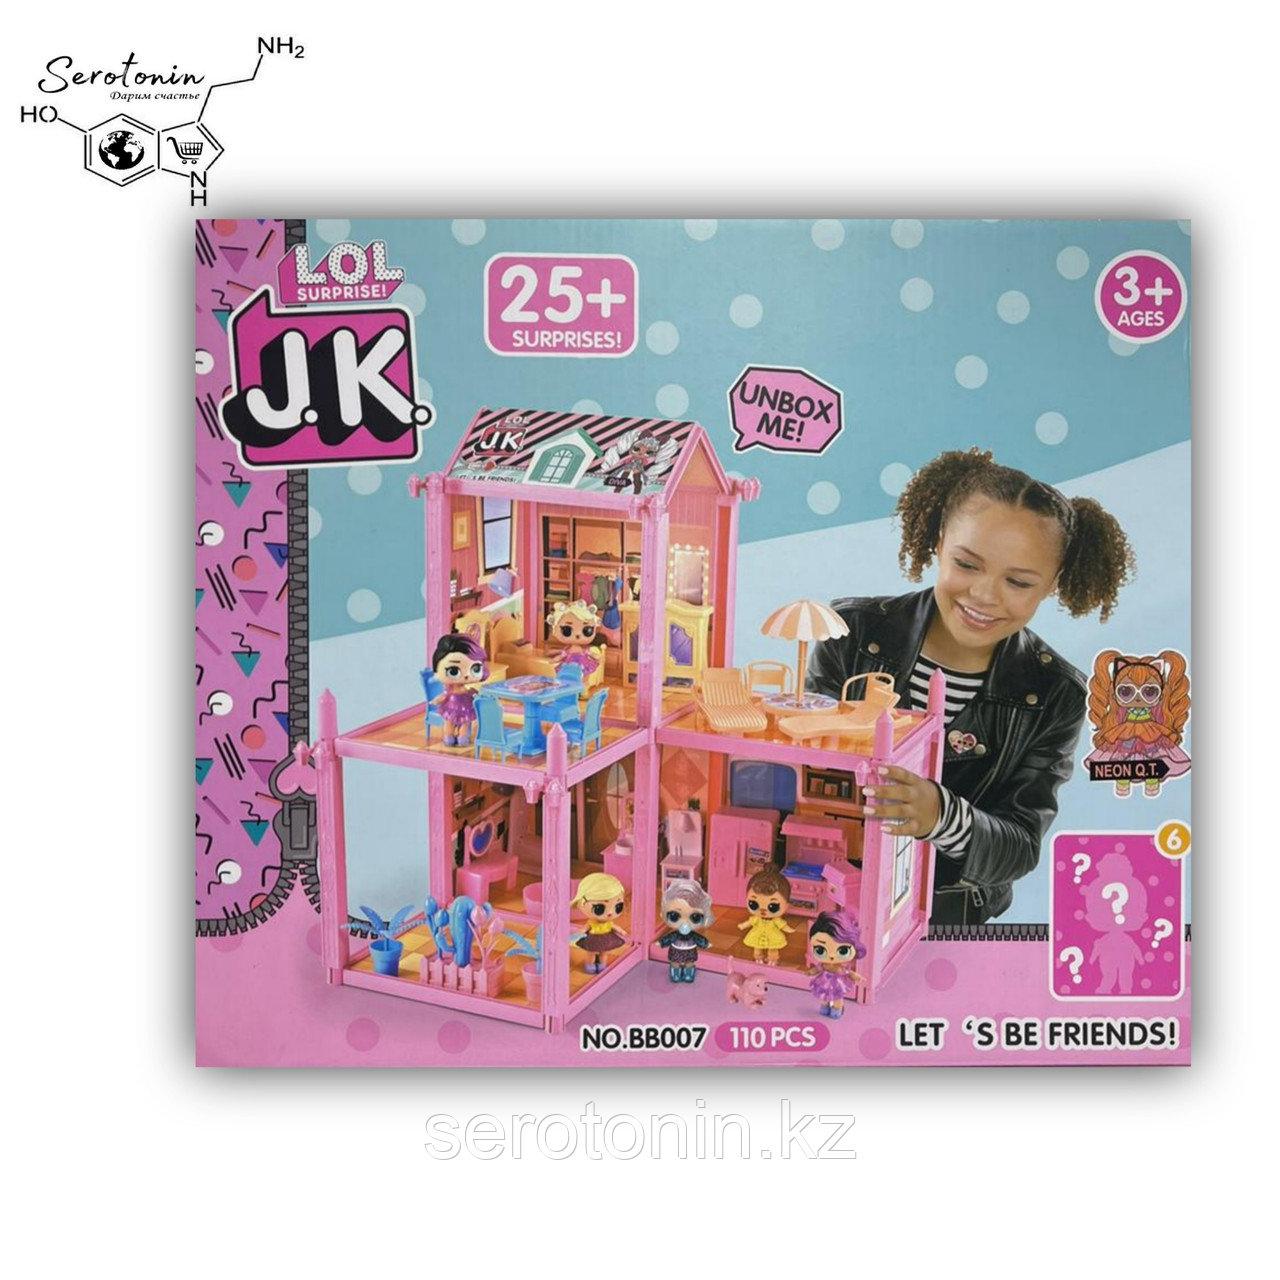 Кукольный домик LOL .J.K.